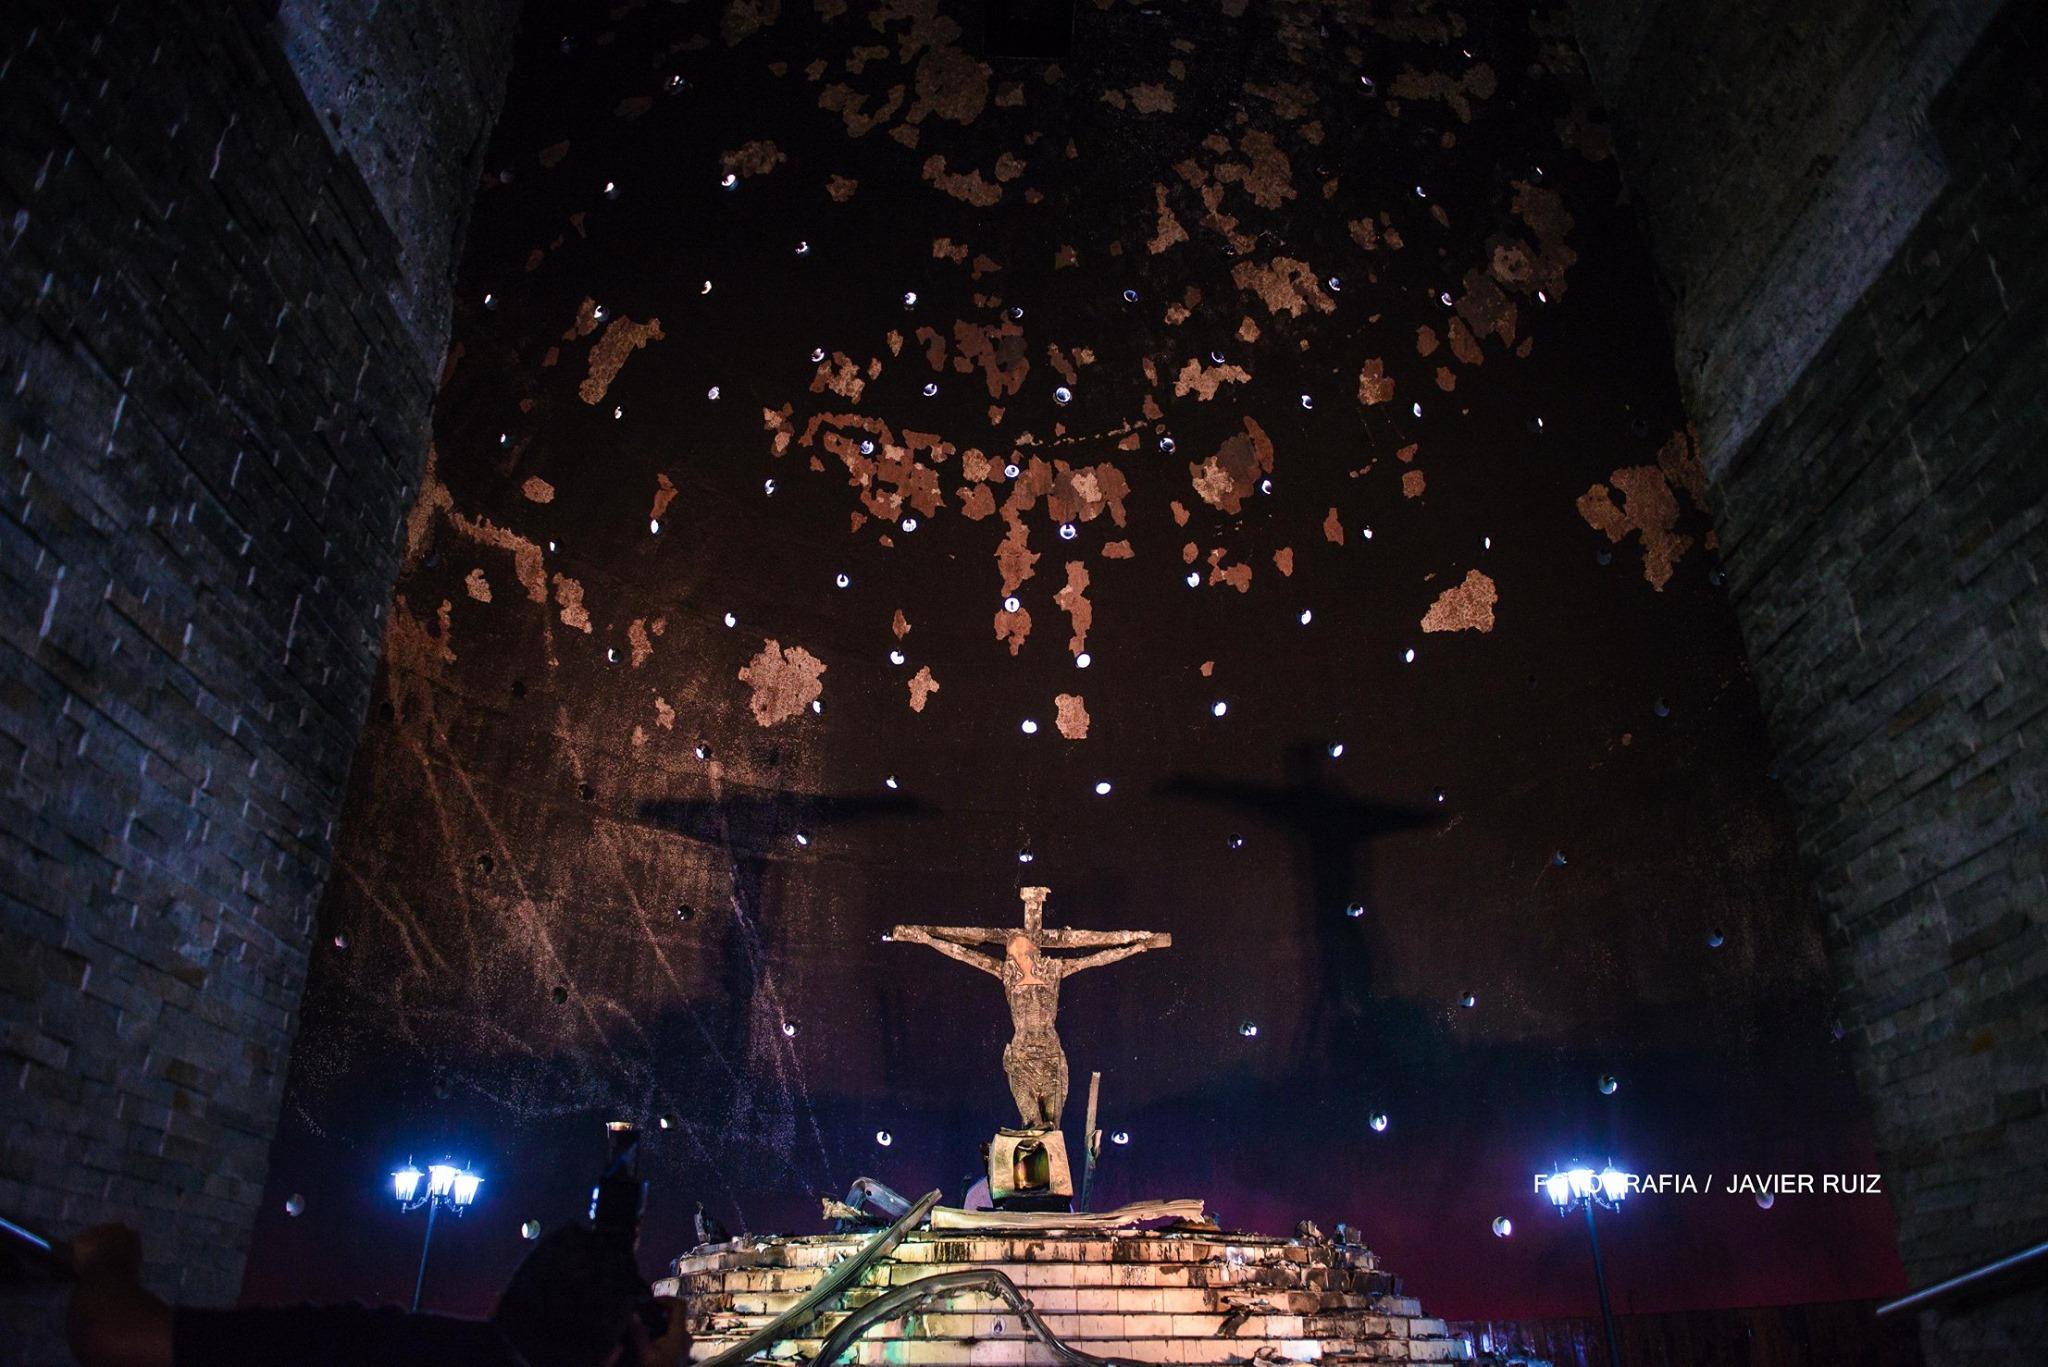 Nicaragua: Obispos llamana a mantener la unidad en la oración